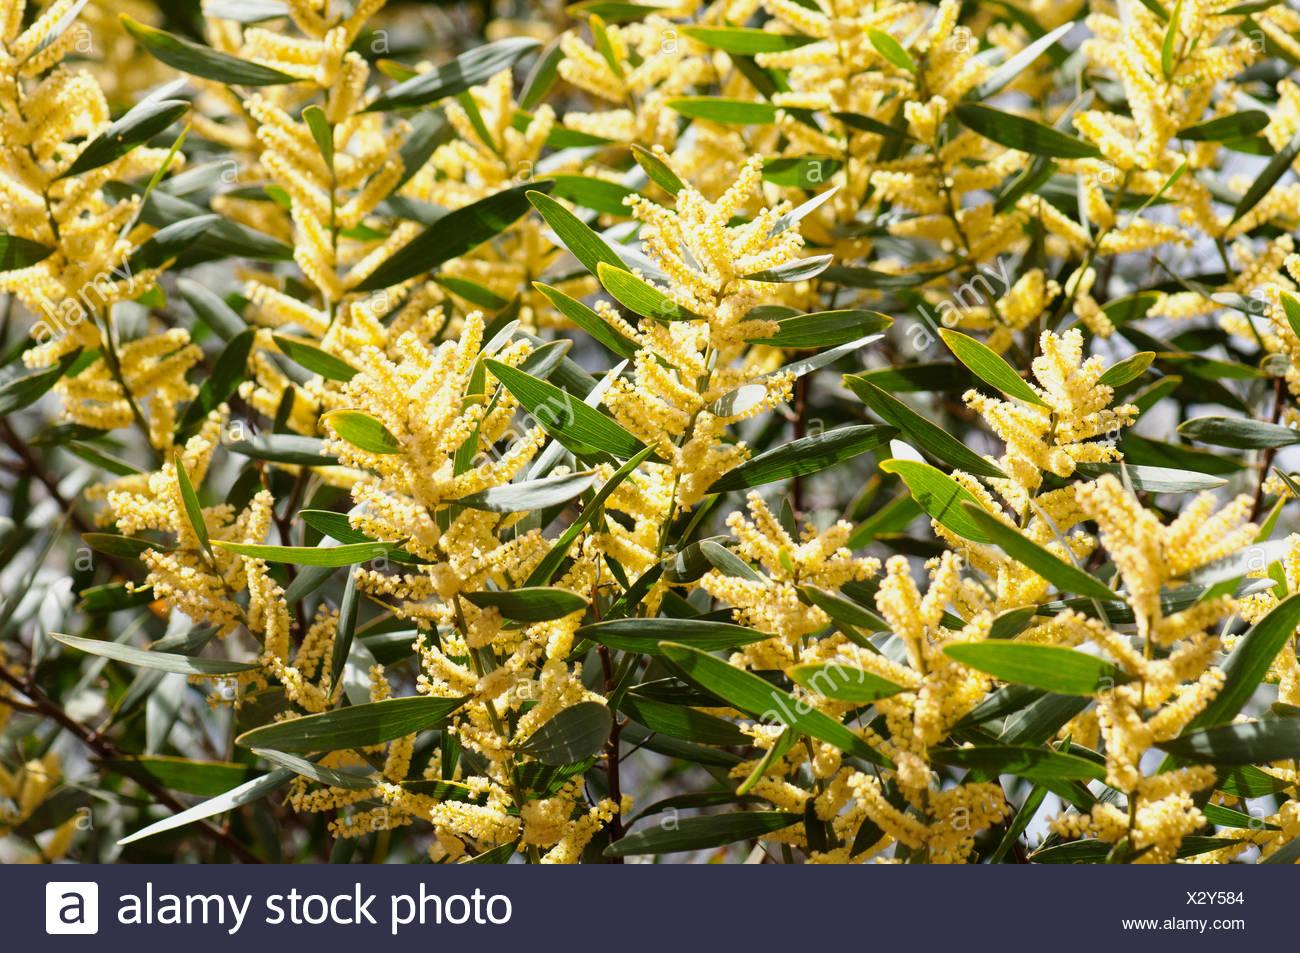 Wattle Golden Wattle Acacia Longifolia Stock Photo 277192052 Alamy